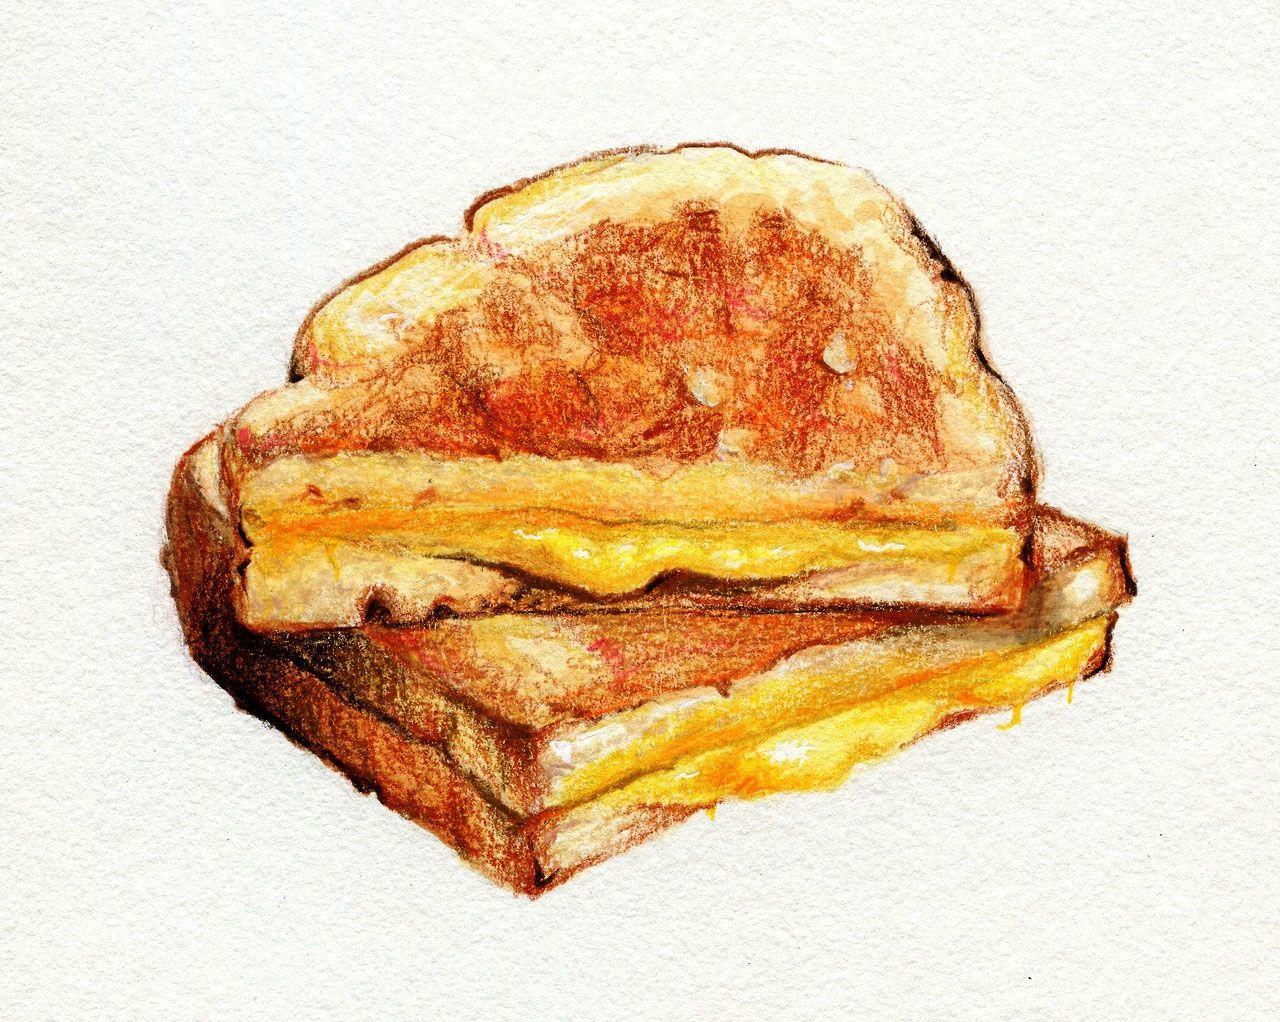 Grilled Cheese Sandwich | Design | Pinterest